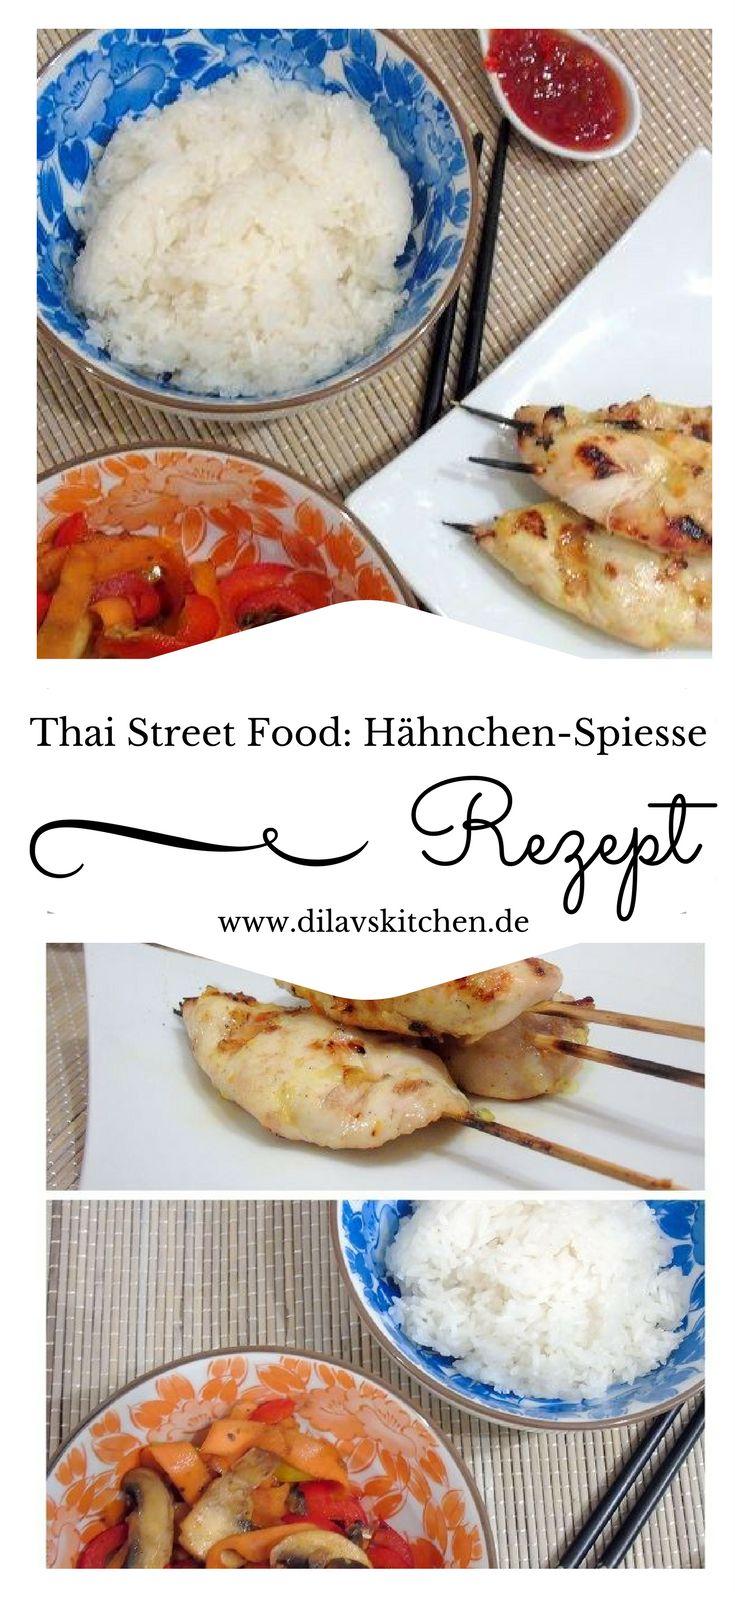 Spiesse aus zartem Hähnchenfleisch sind einer der klassiker der asiatischen Küche. Besonders beliebt sind sie in Thailand als Streetfood. Serviert mit feuriger Sweet Chili Sauce oder mit cremiger Erdnusssauße sind diese Spieße ein absoluter Traum. Hol dir jetzt das Rezept für die Thai Streetfood Hähnchenspiesse auf www.dilavskitchen.de